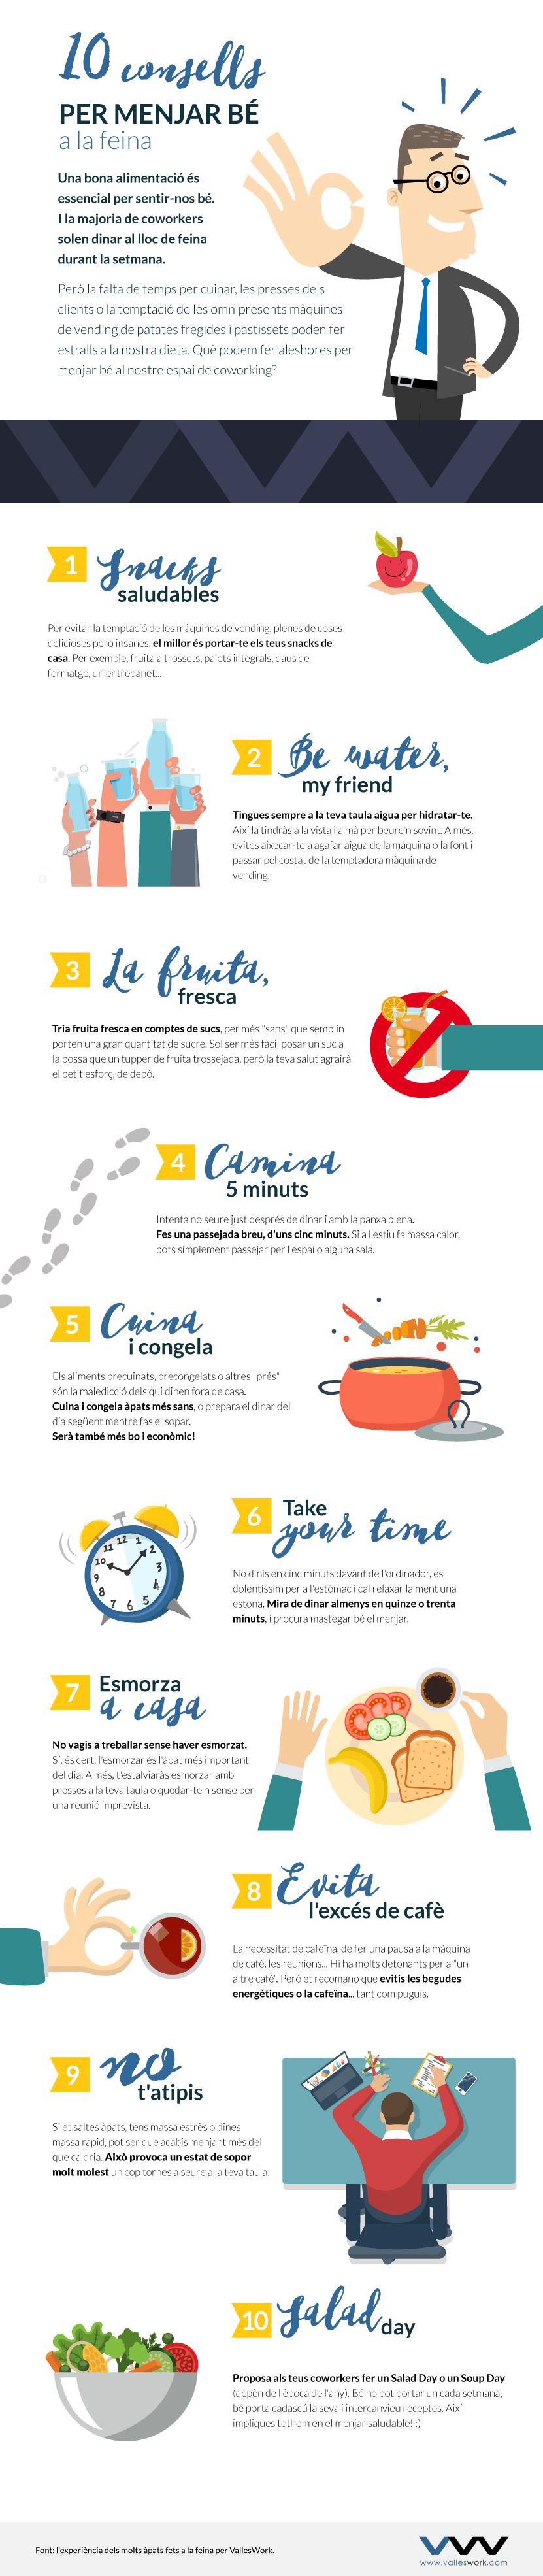 consells-per-menjar-be-CAT